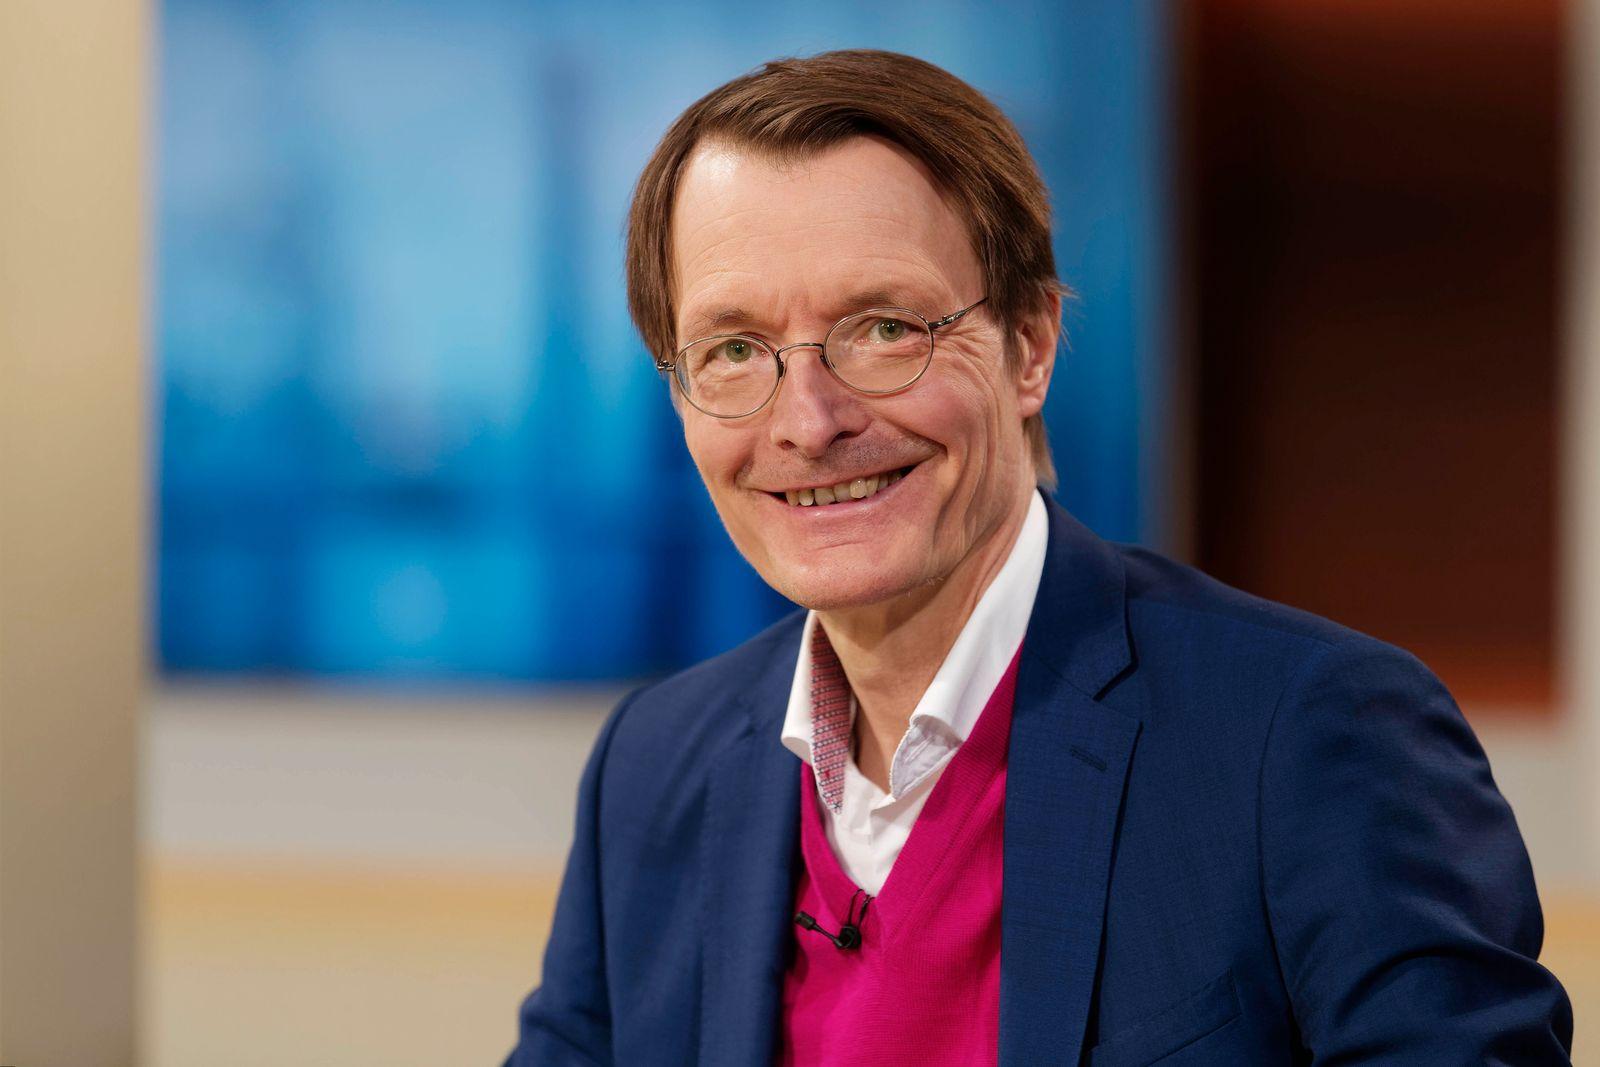 Karl Lauterbach 2021-03-07, Deutschland, Berlin - Karl Lauterbach (SPD), Bundestagsabgeordneter, Gesundheitsökonom und